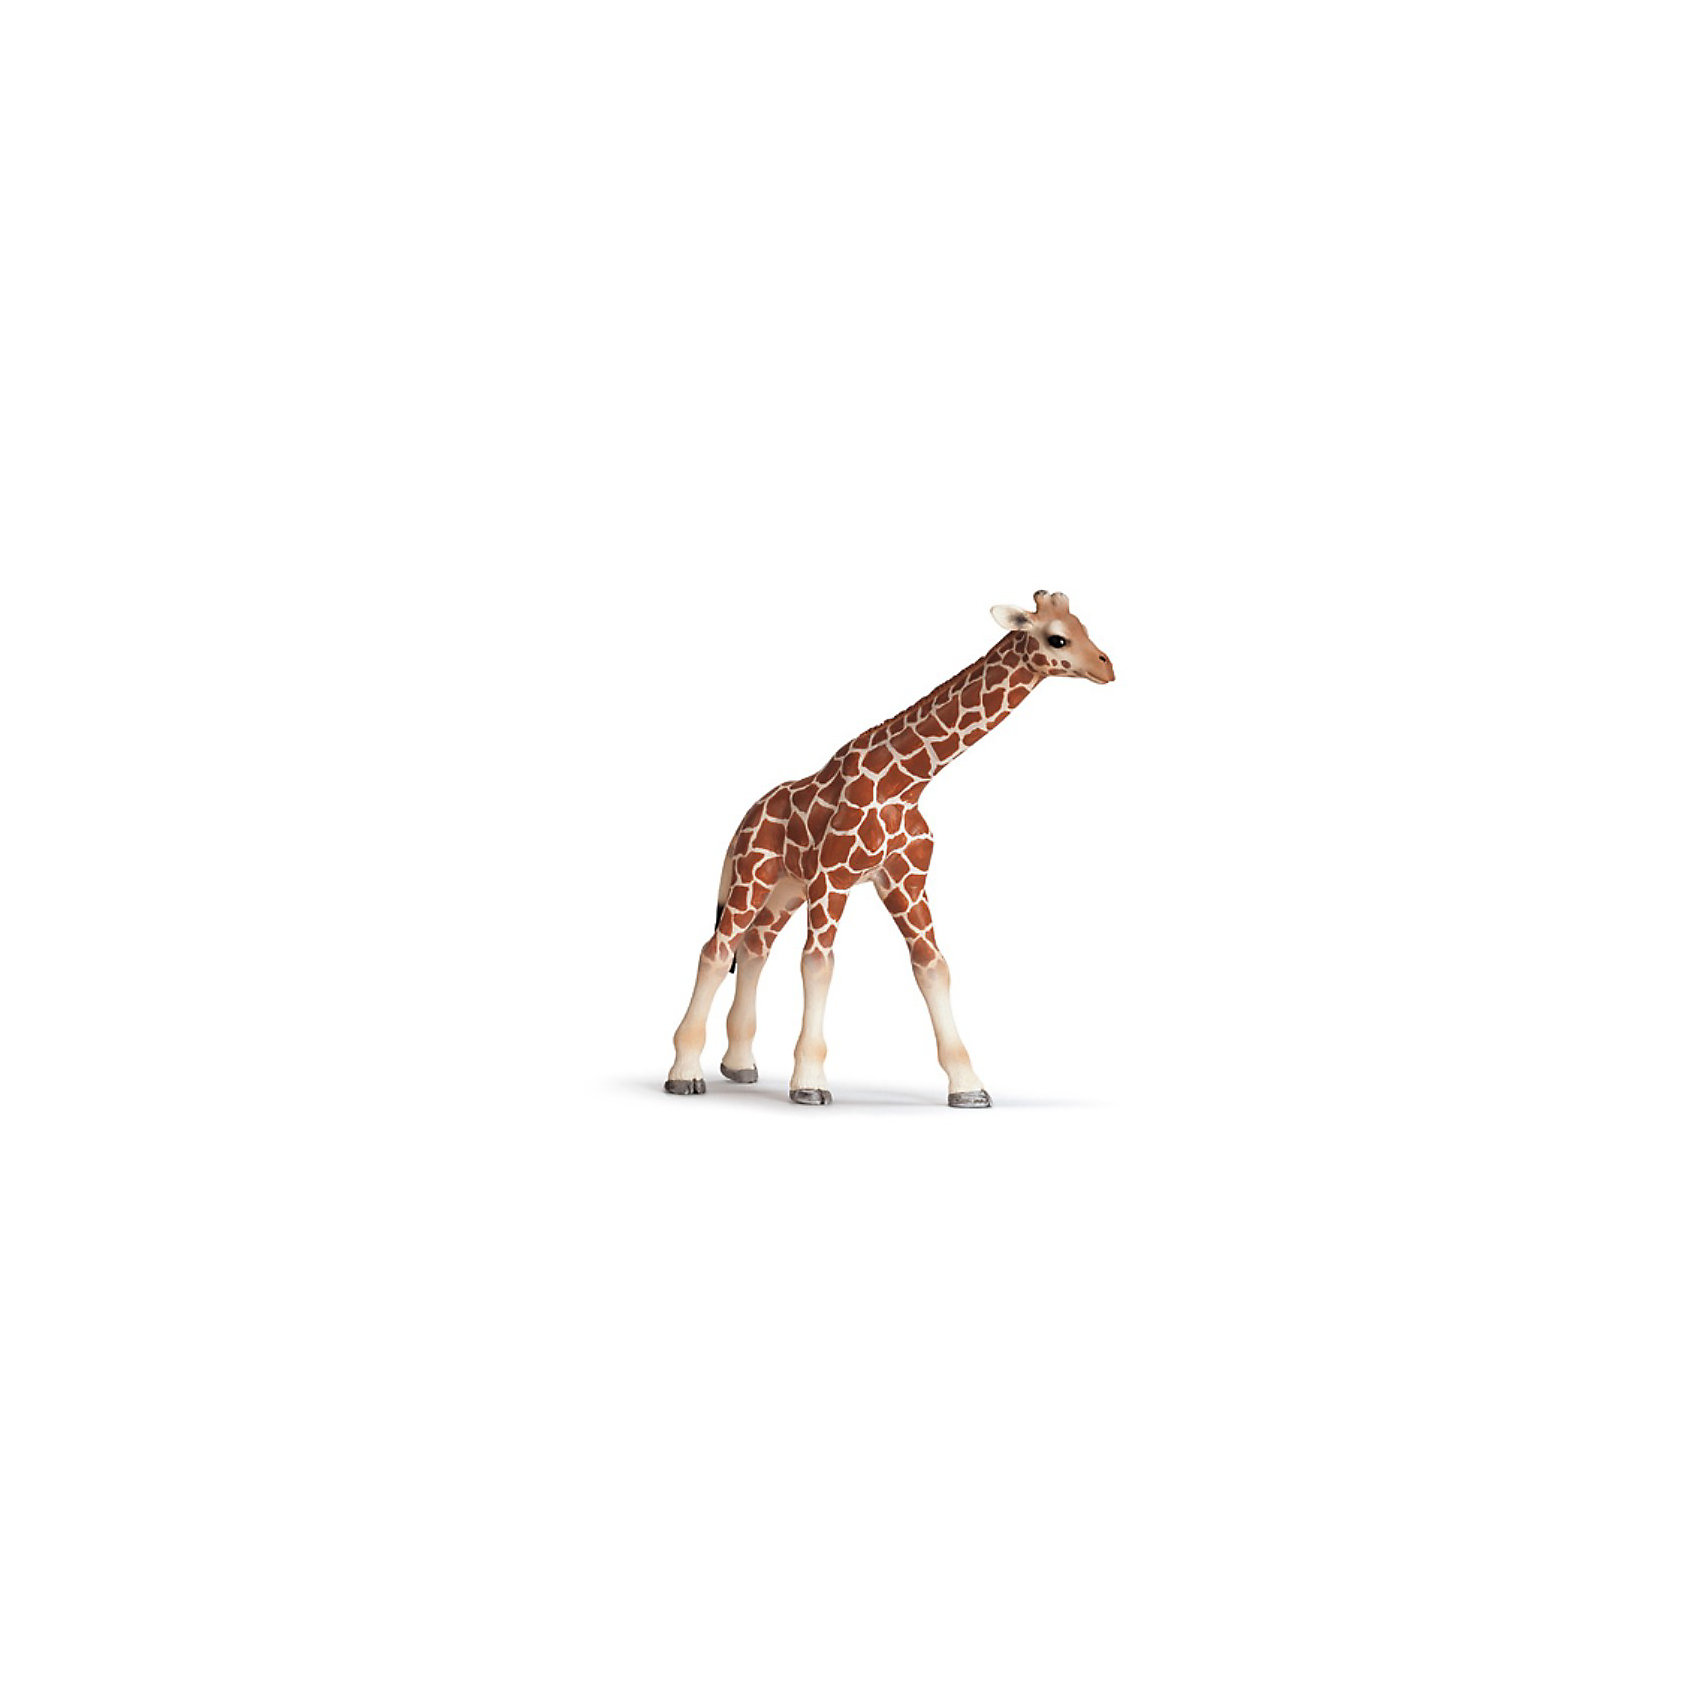 Schleich Schleich Детеныш жирафа. Серия Дикие животные schleich